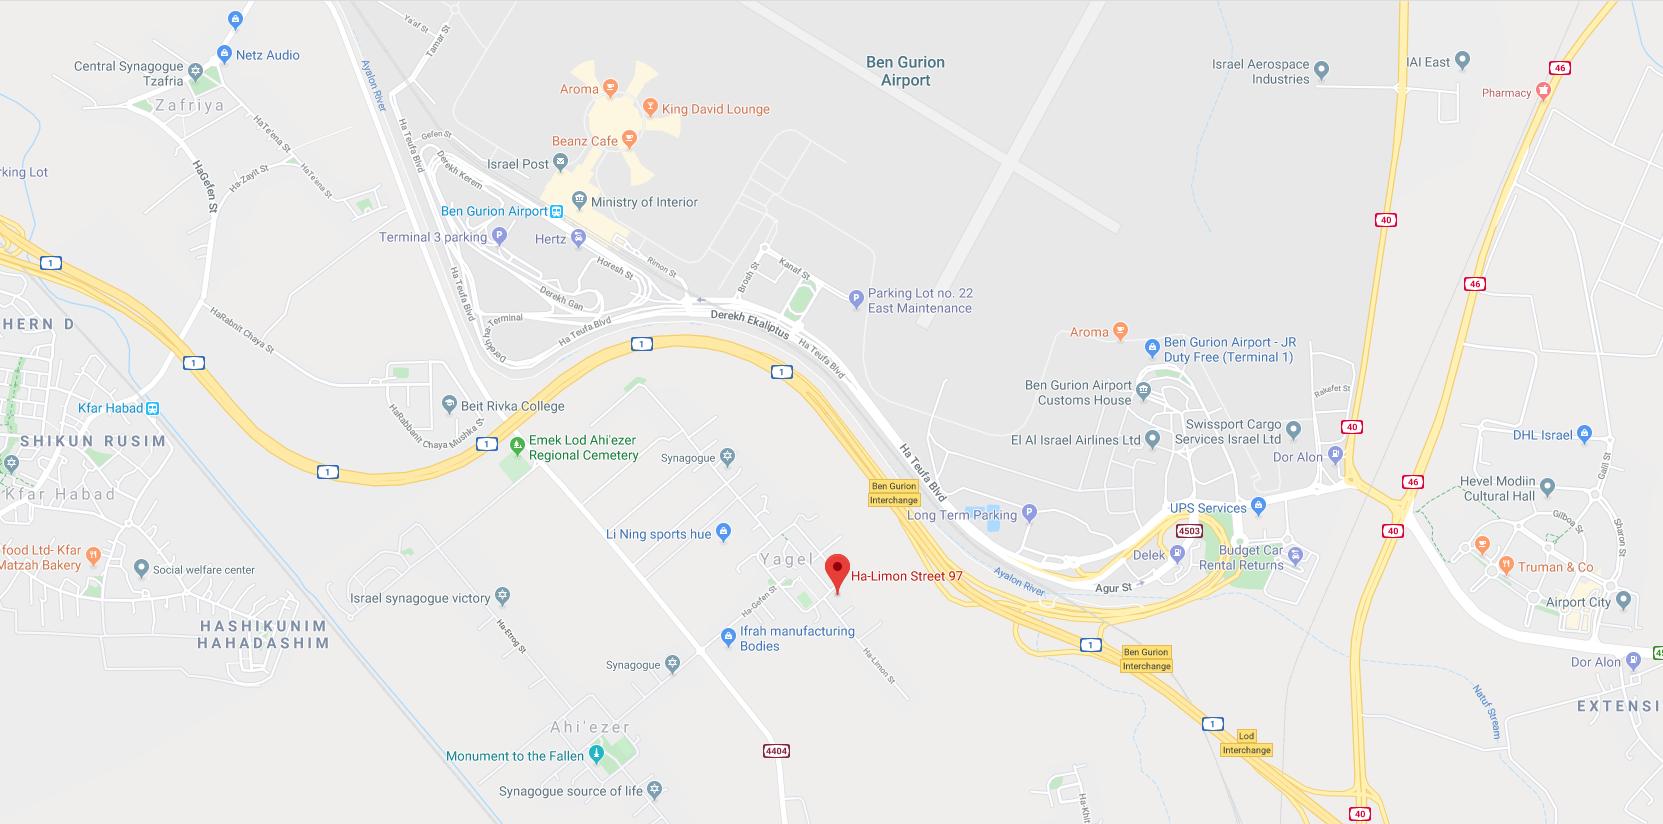 מפת גוגל למושב יגל הלימון 97